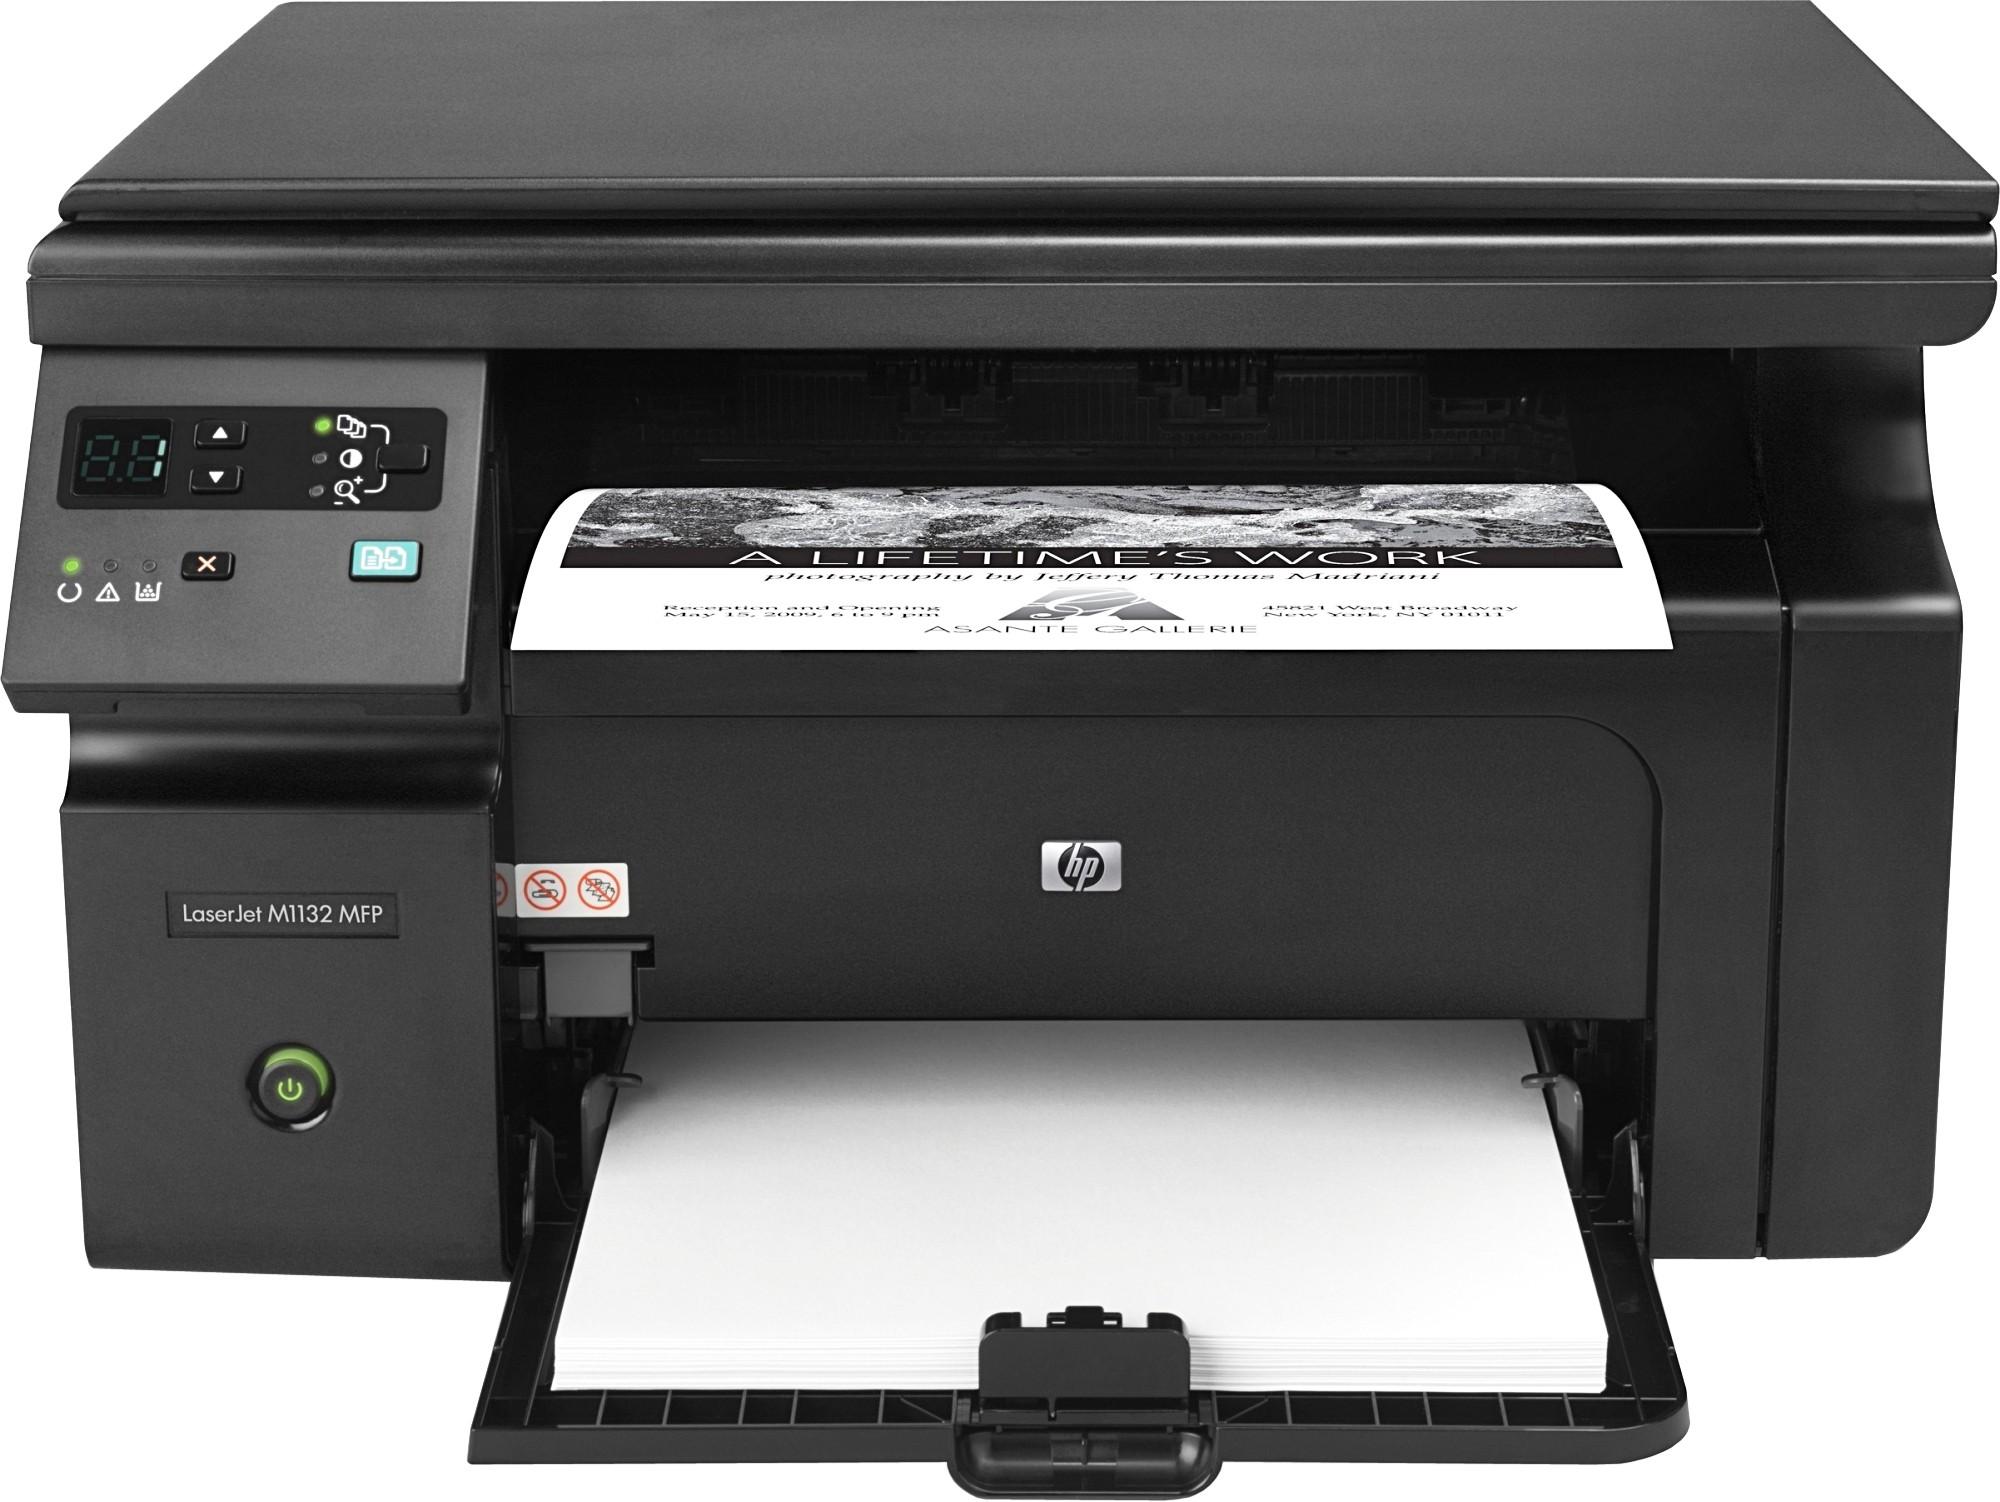 Драйвер к принтеру hp laserjet m 1132 mfp